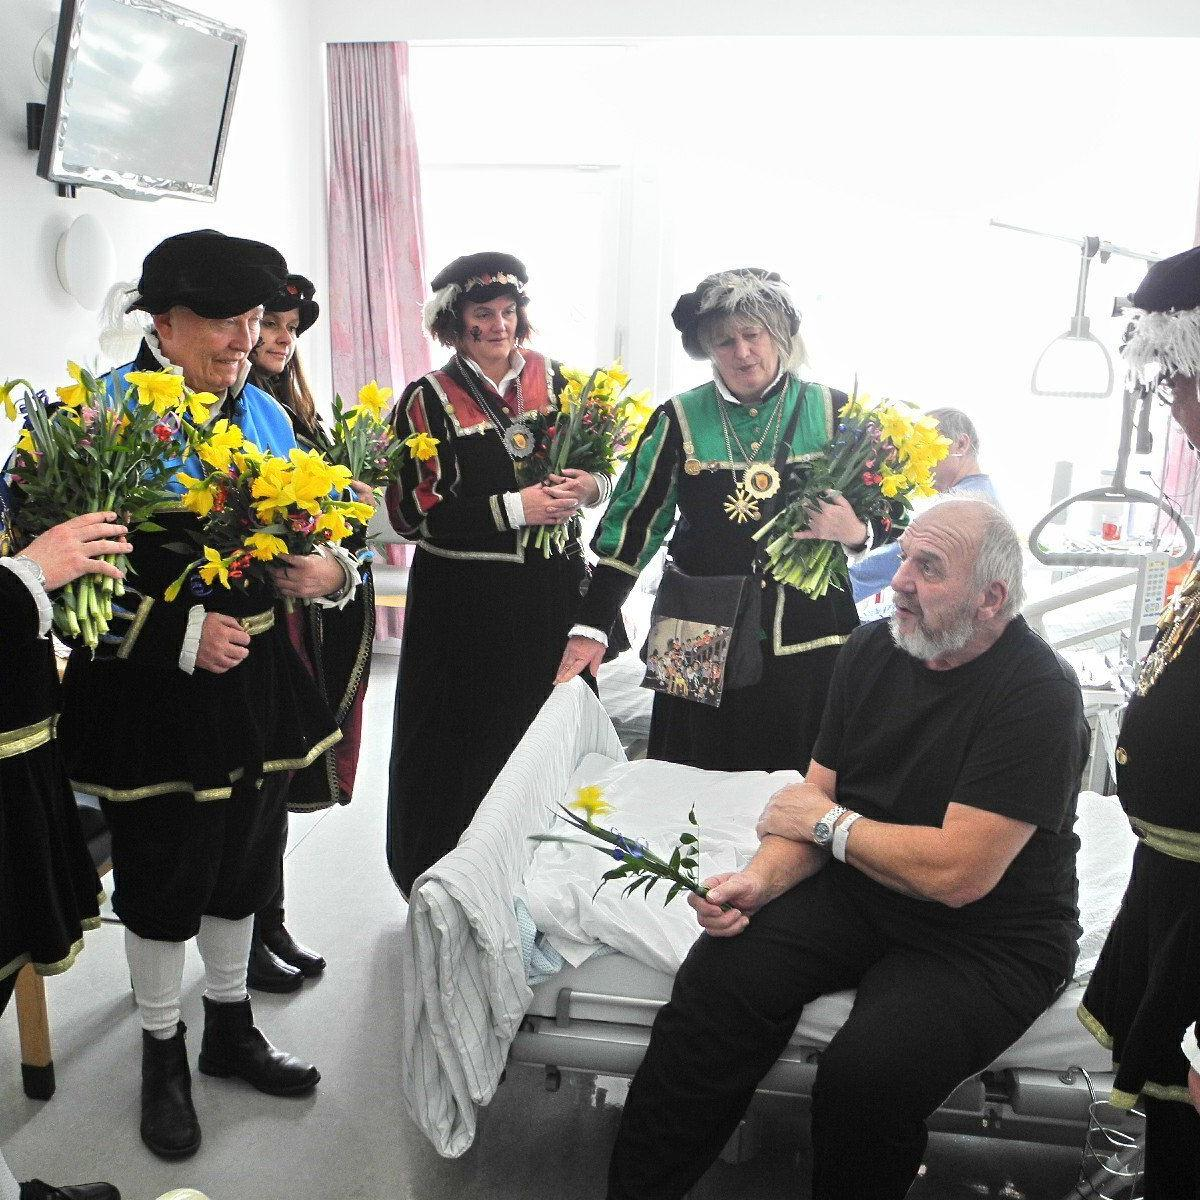 Die Spältabürger überbrachten ihrem Vereinsmitglied und Patienten Albert Scheidbach im LKH einen Blumenstrauß und Genesungswünsche